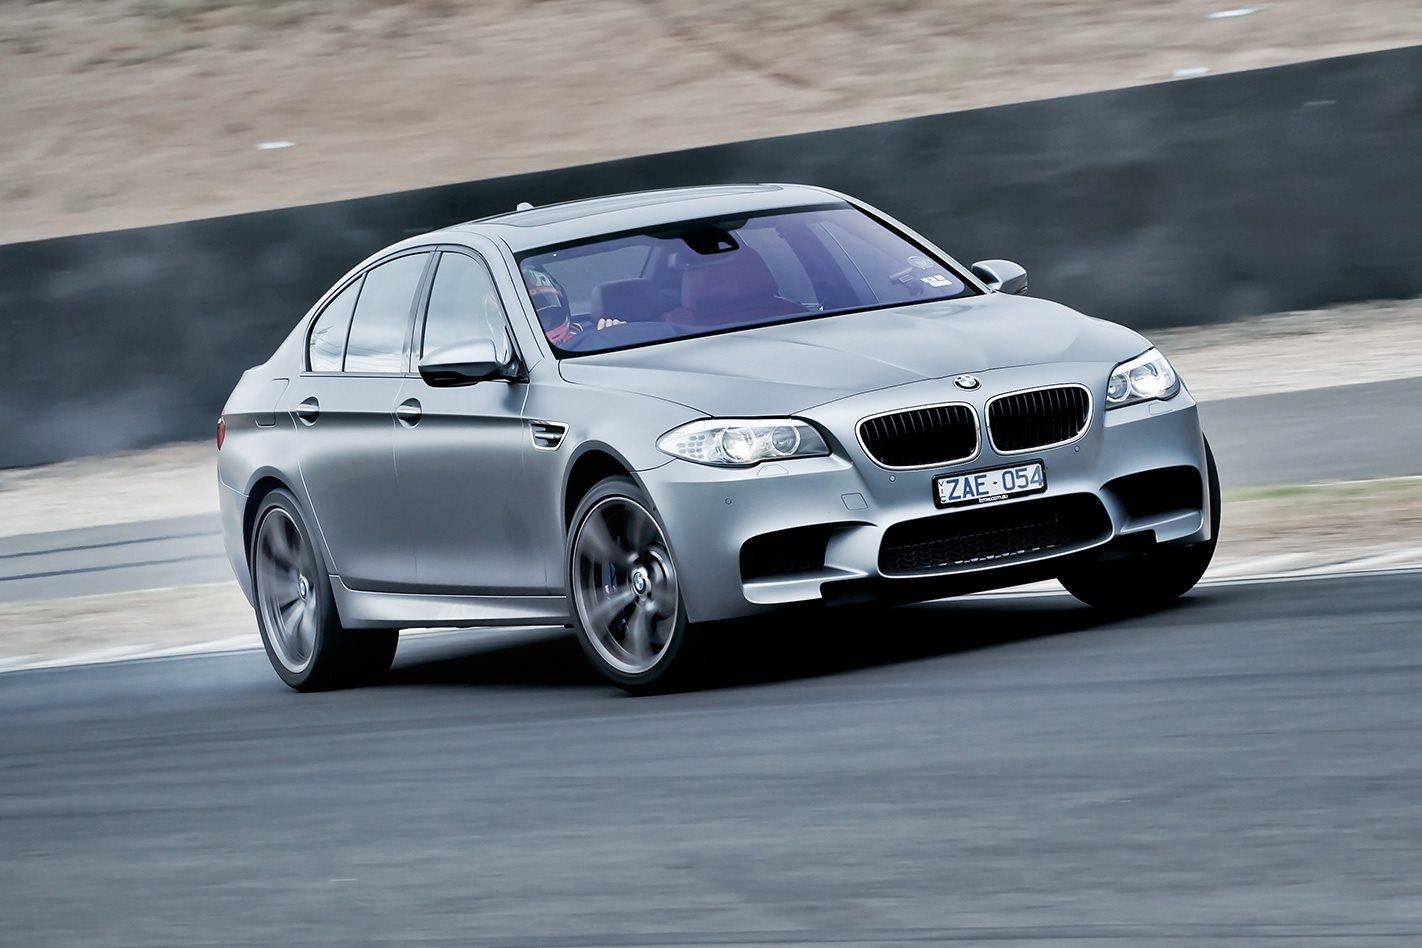 2012-BMW-M5-front.jpg